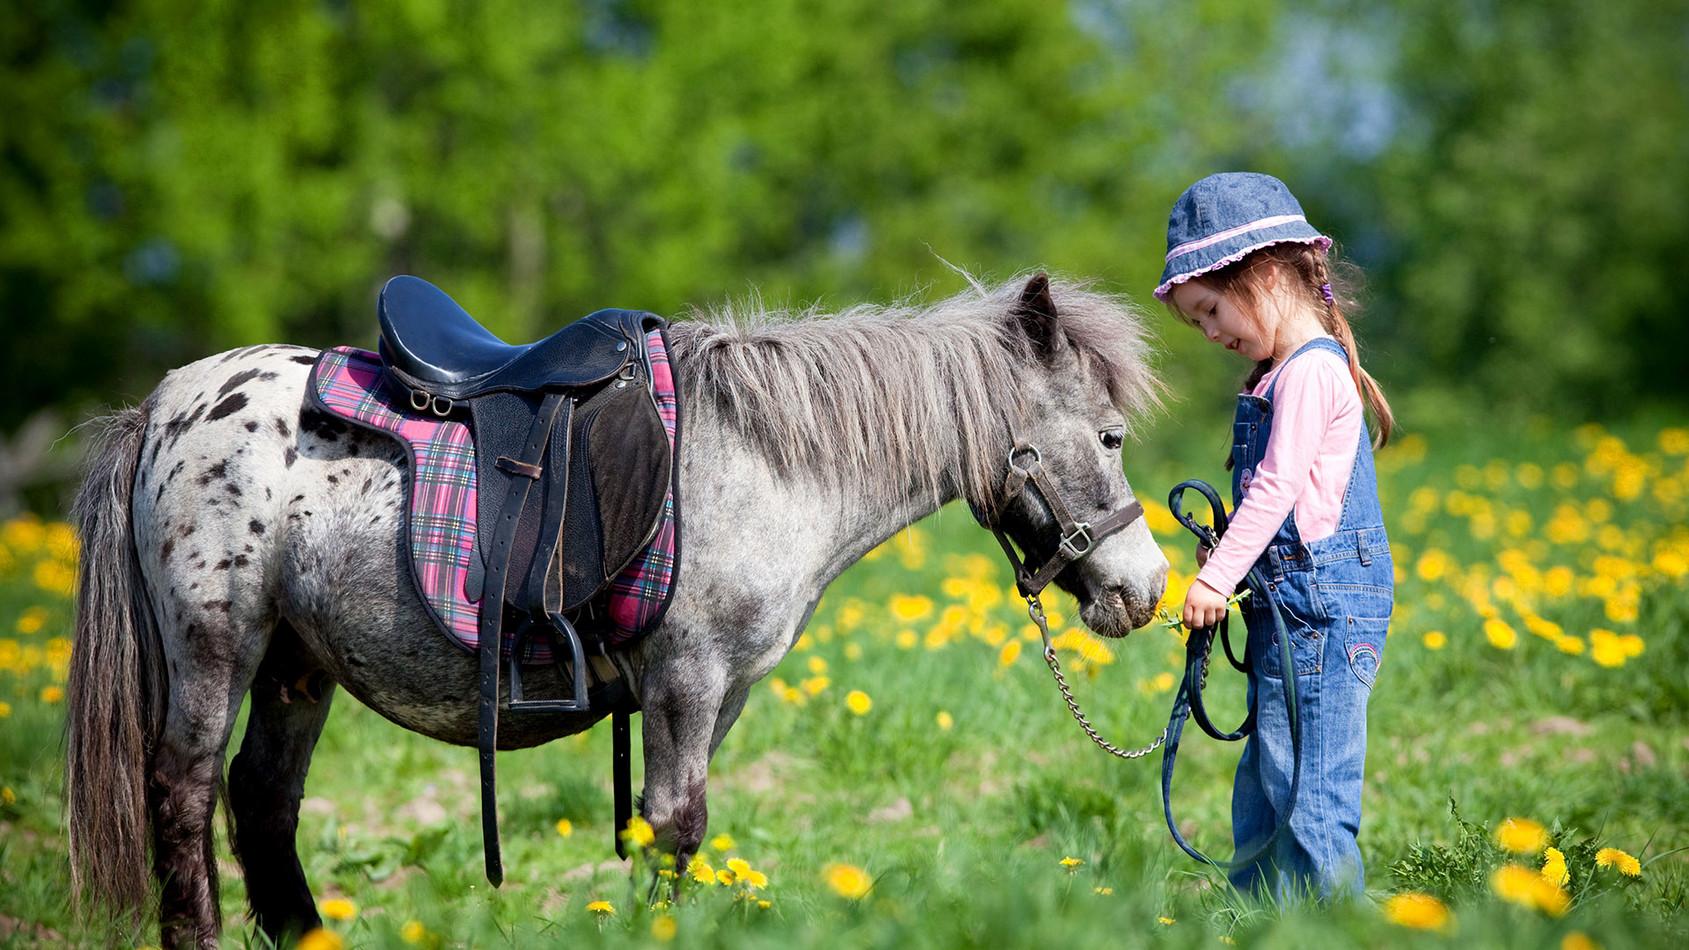 Familienurlaub am Bauernhof Tiere  hautnah erleben